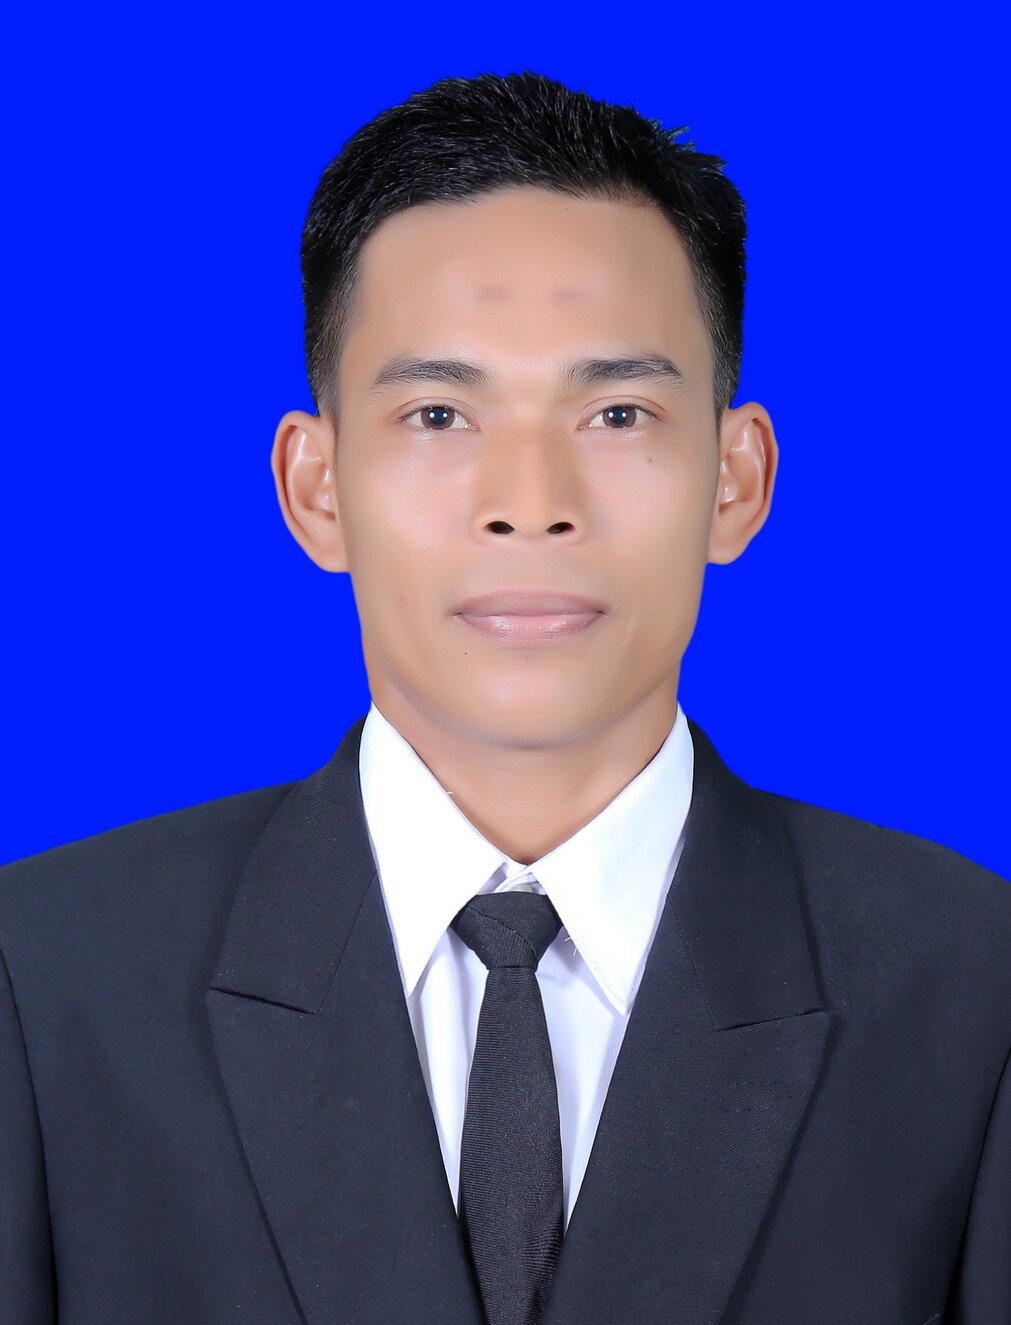 ABDUL GAIS, S.Pd